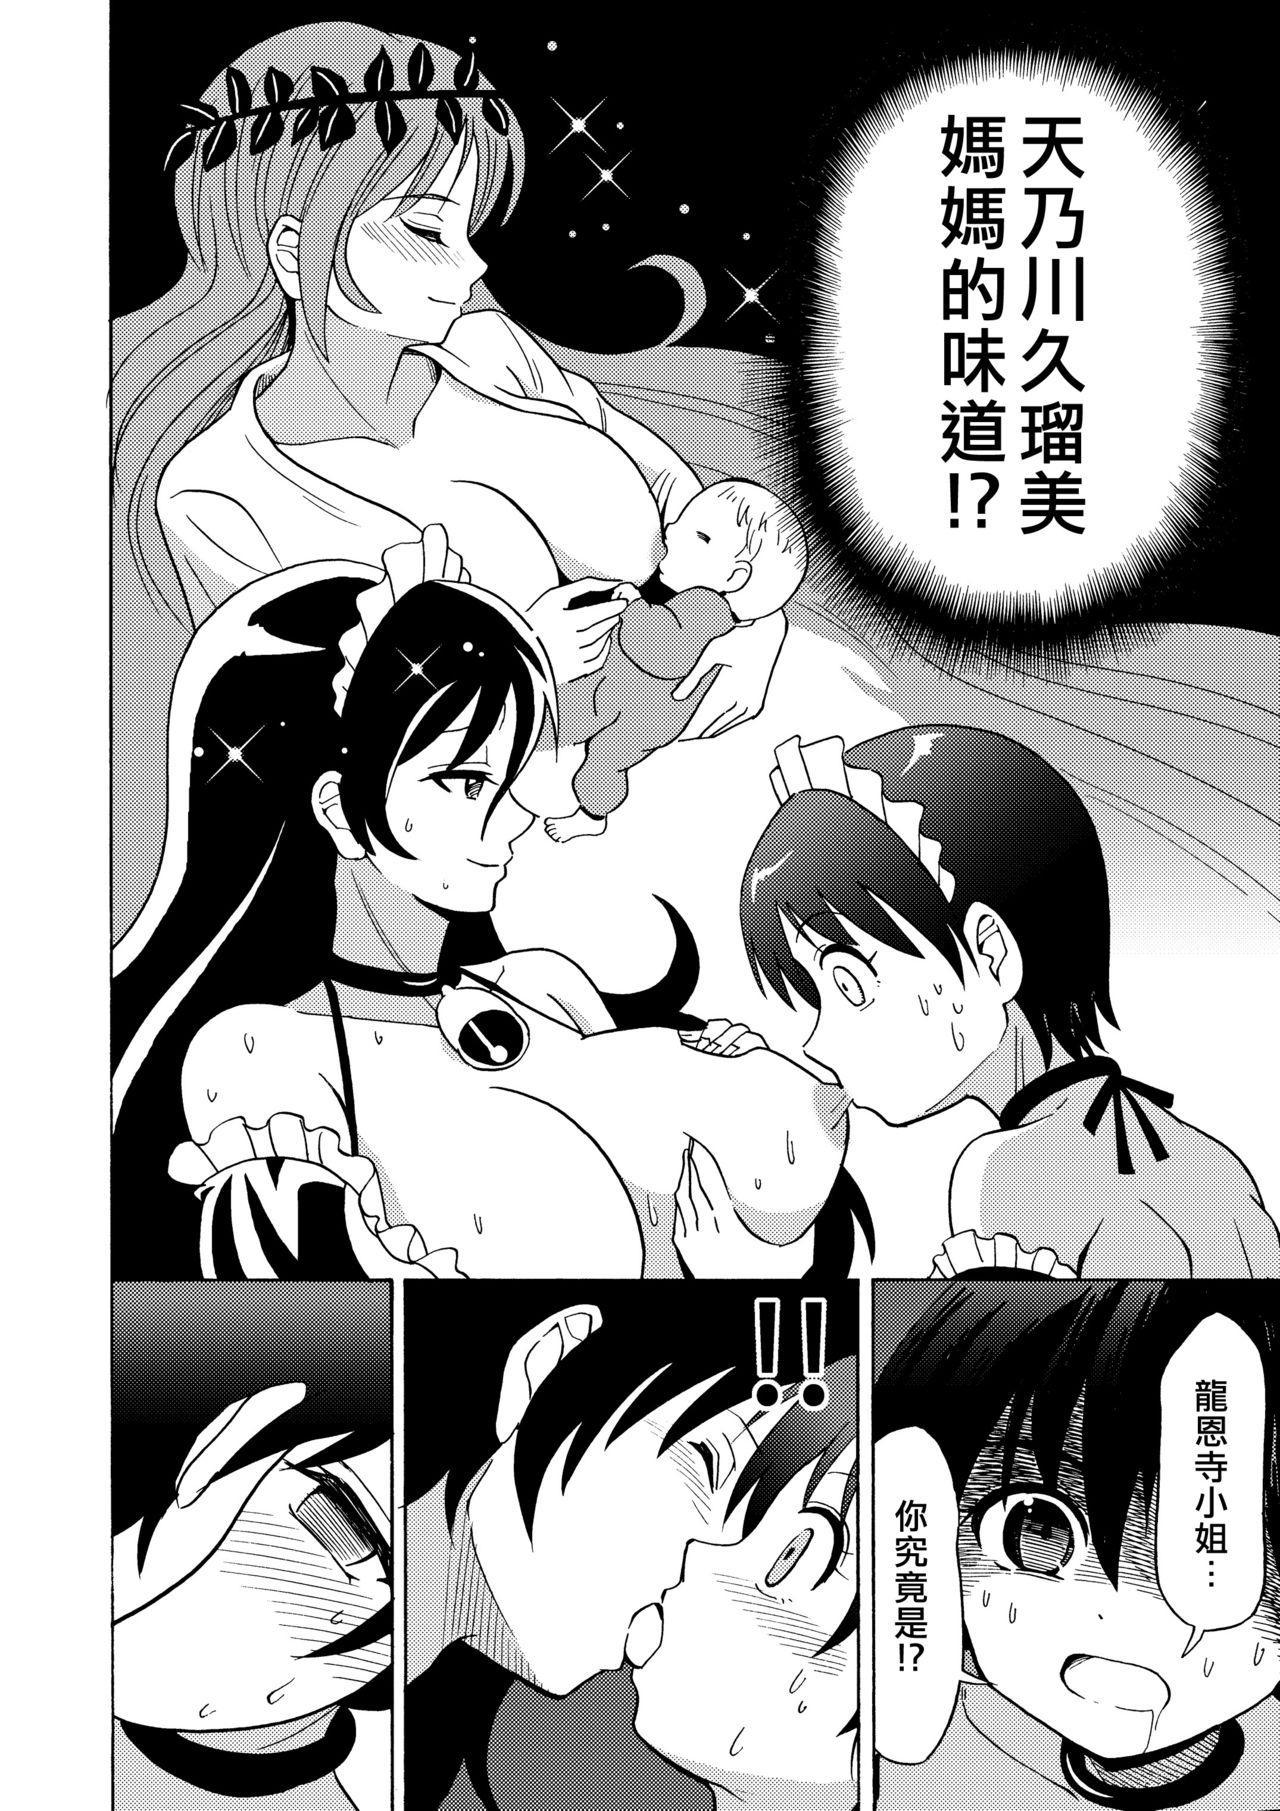 Boku no Milk o Meshiagare 2 20